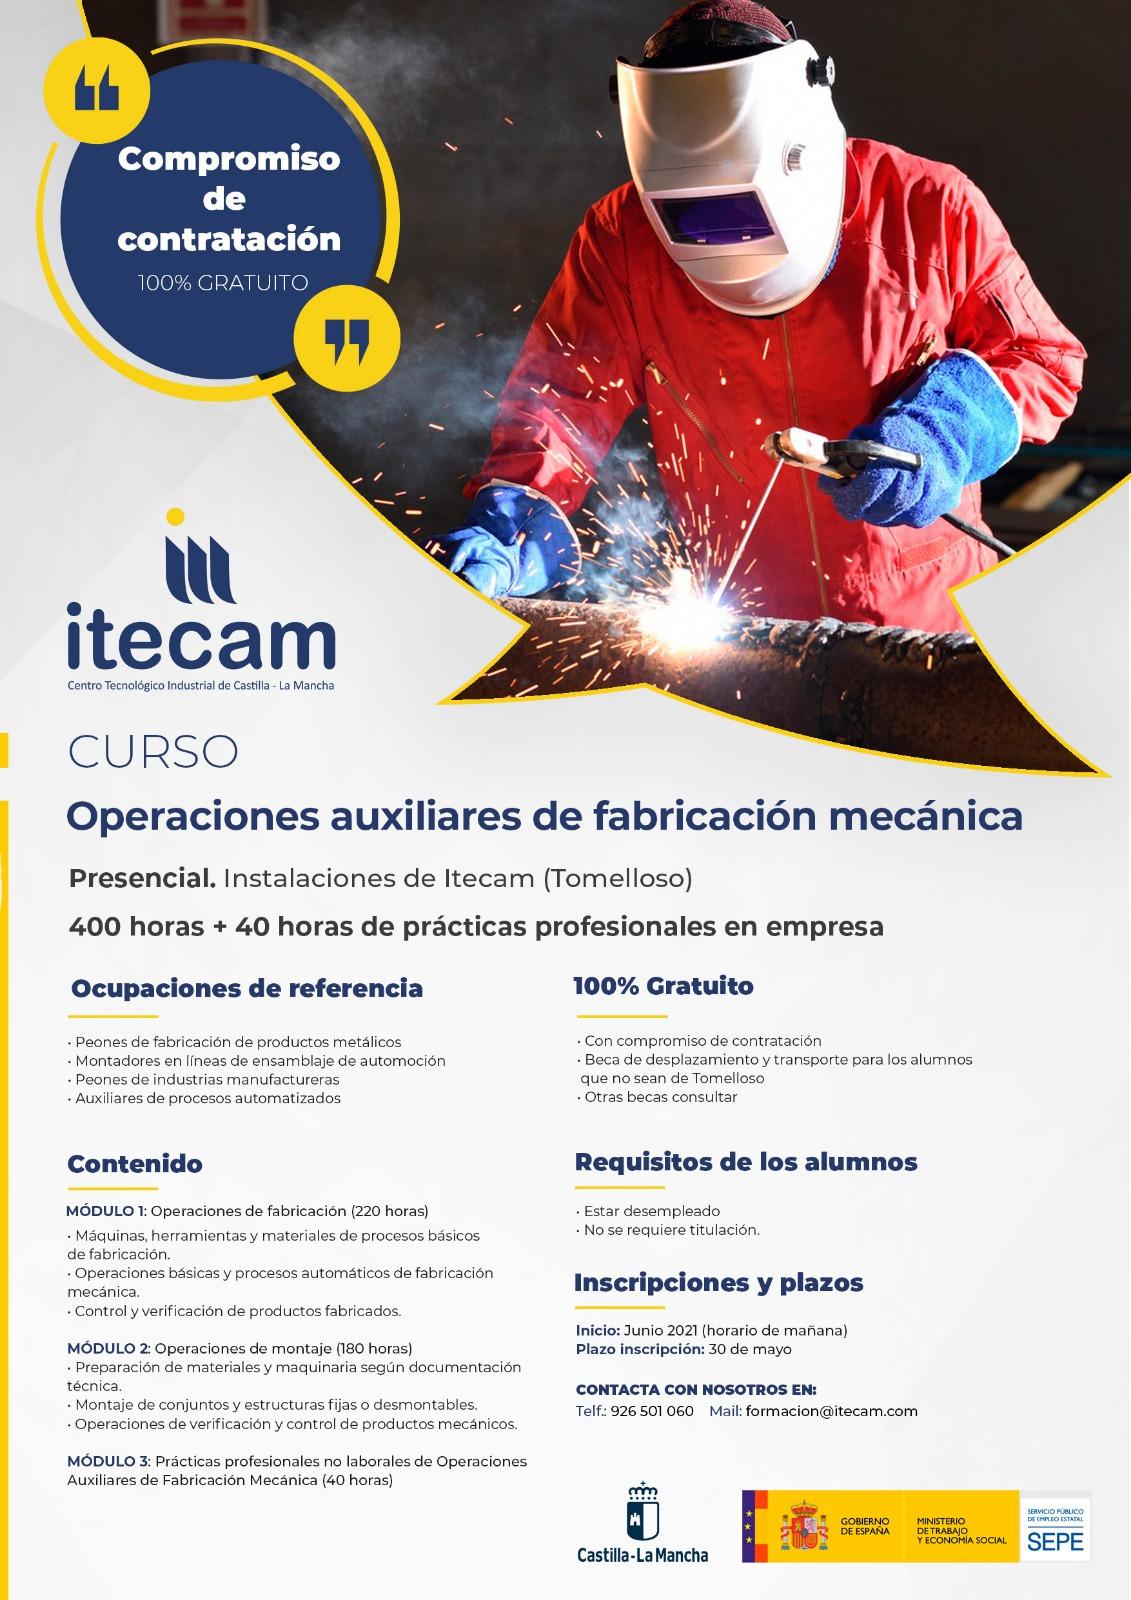 Curso «Operaciones auxiliares de fabricación mecánica». ITECAM. Tomelloso (Ciudad Real).